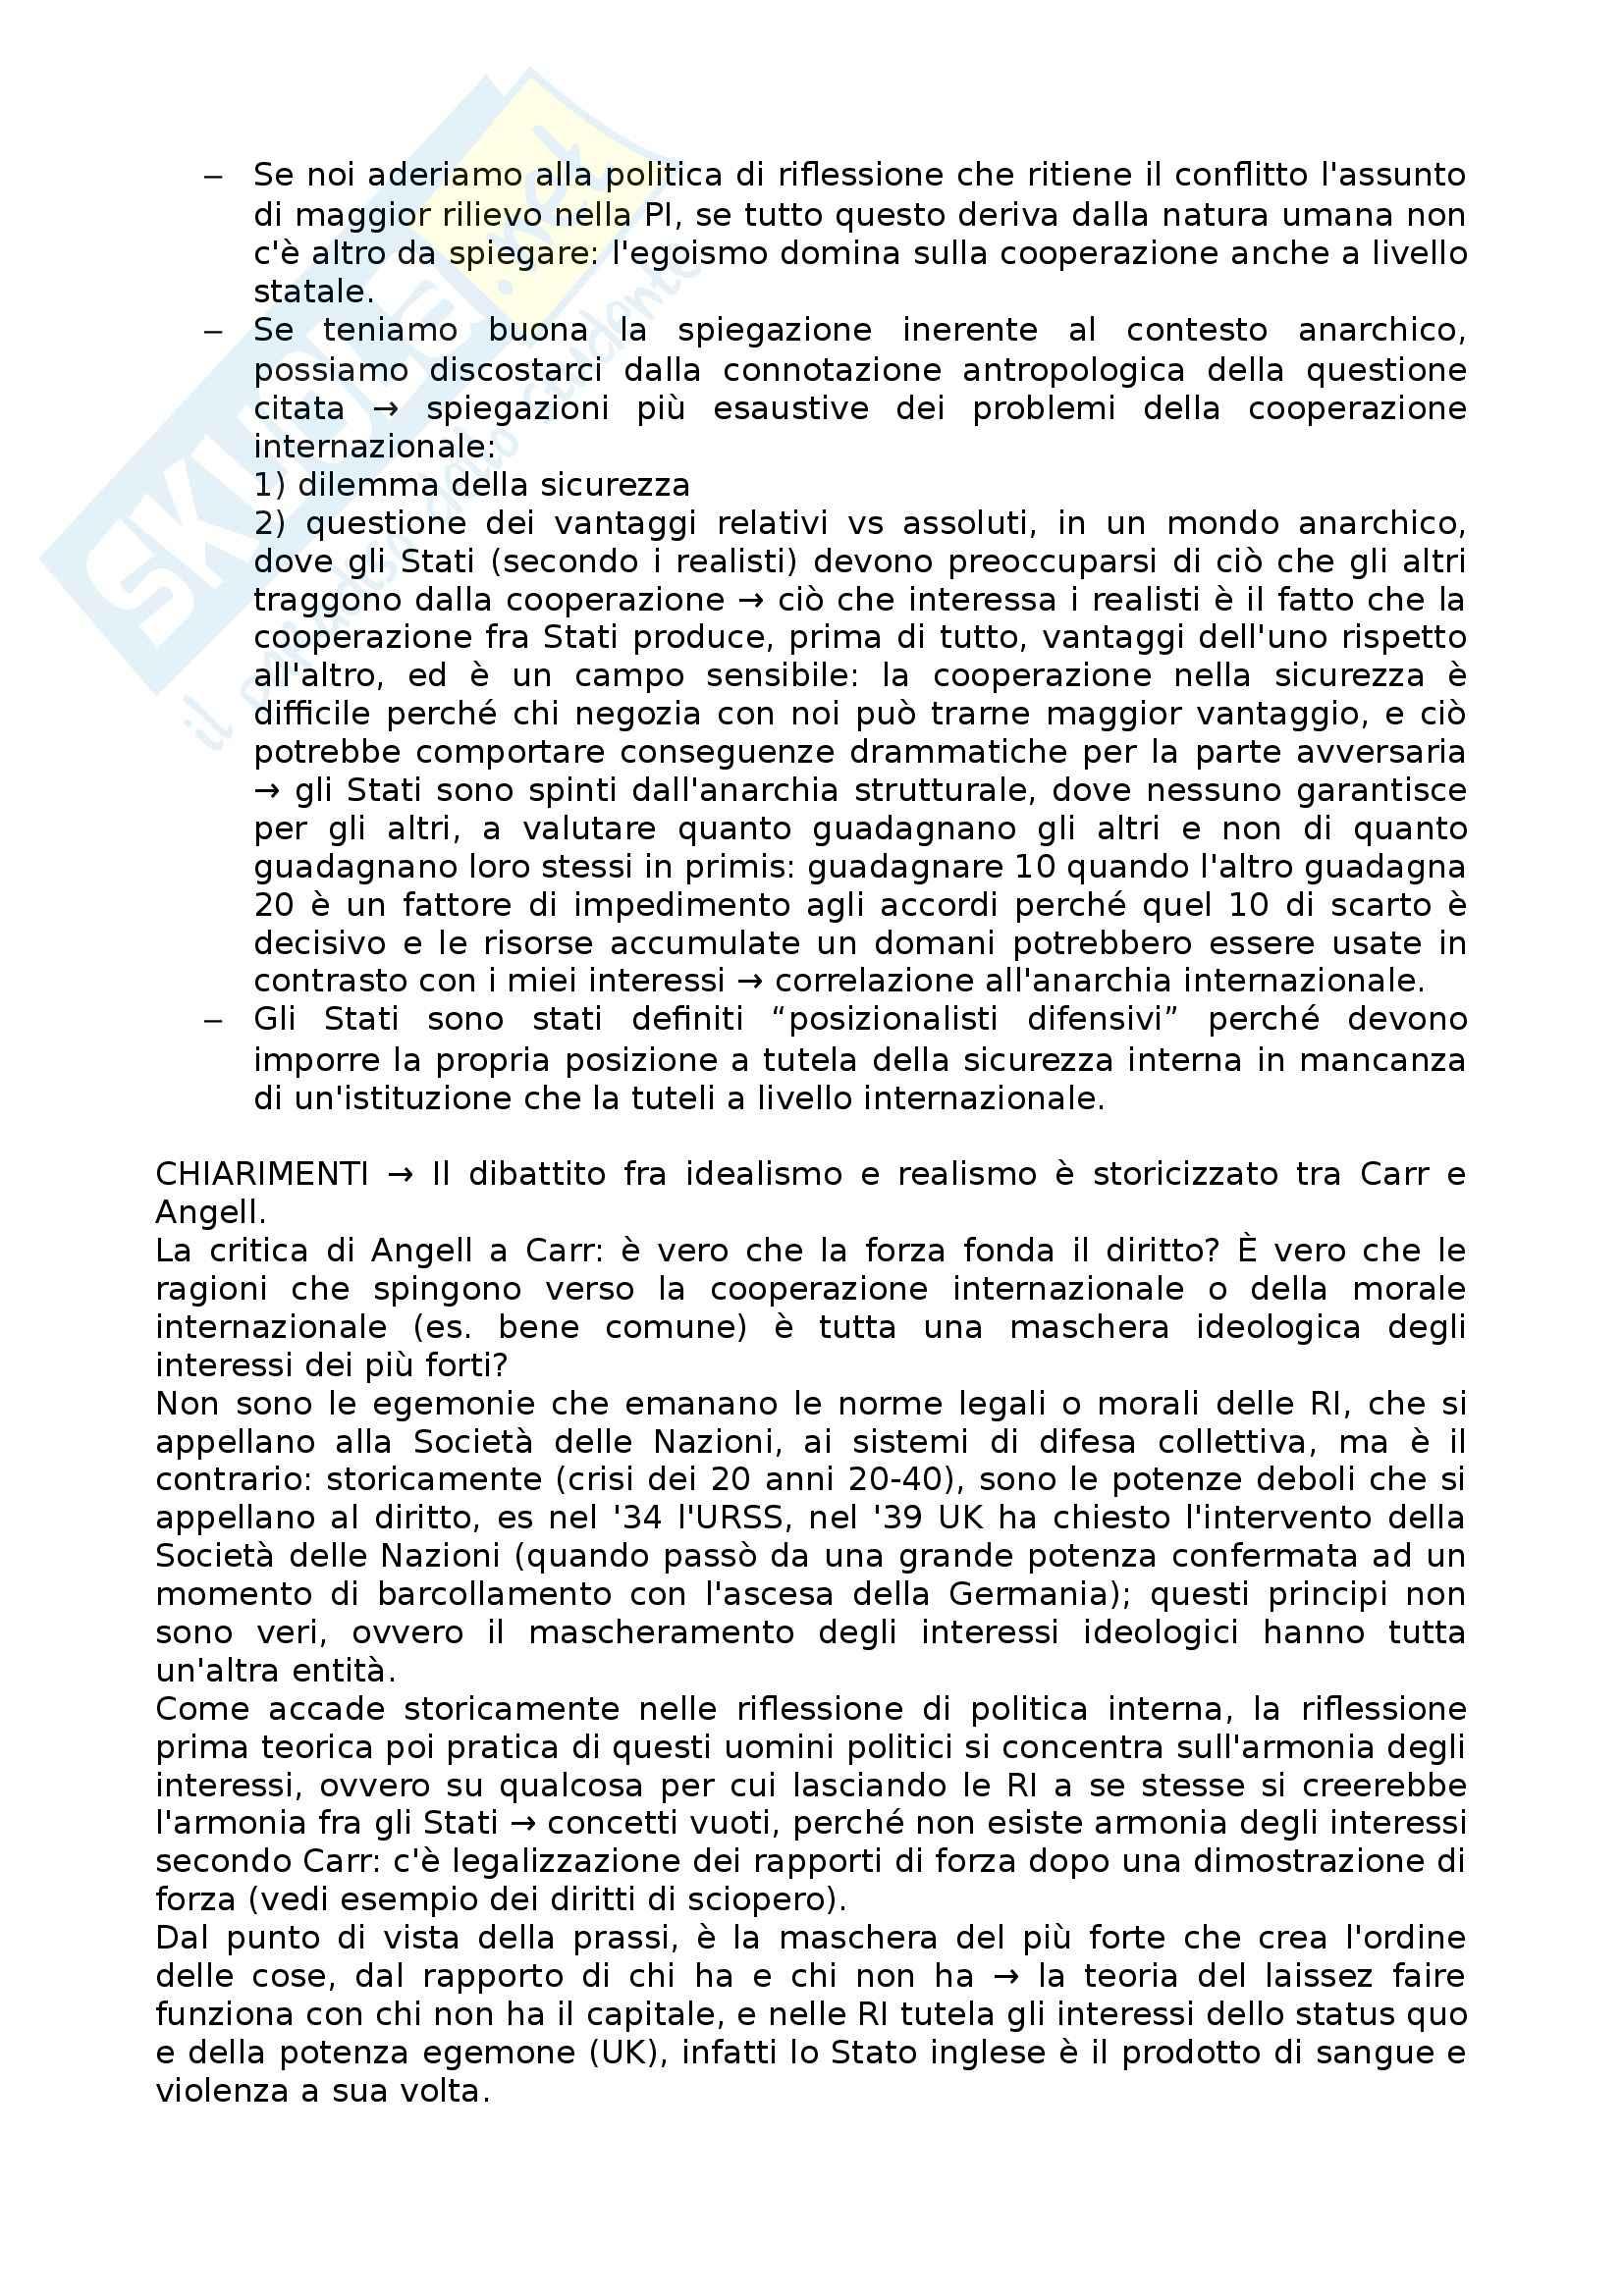 Lezioni, Relazioni internazionali Pag. 16